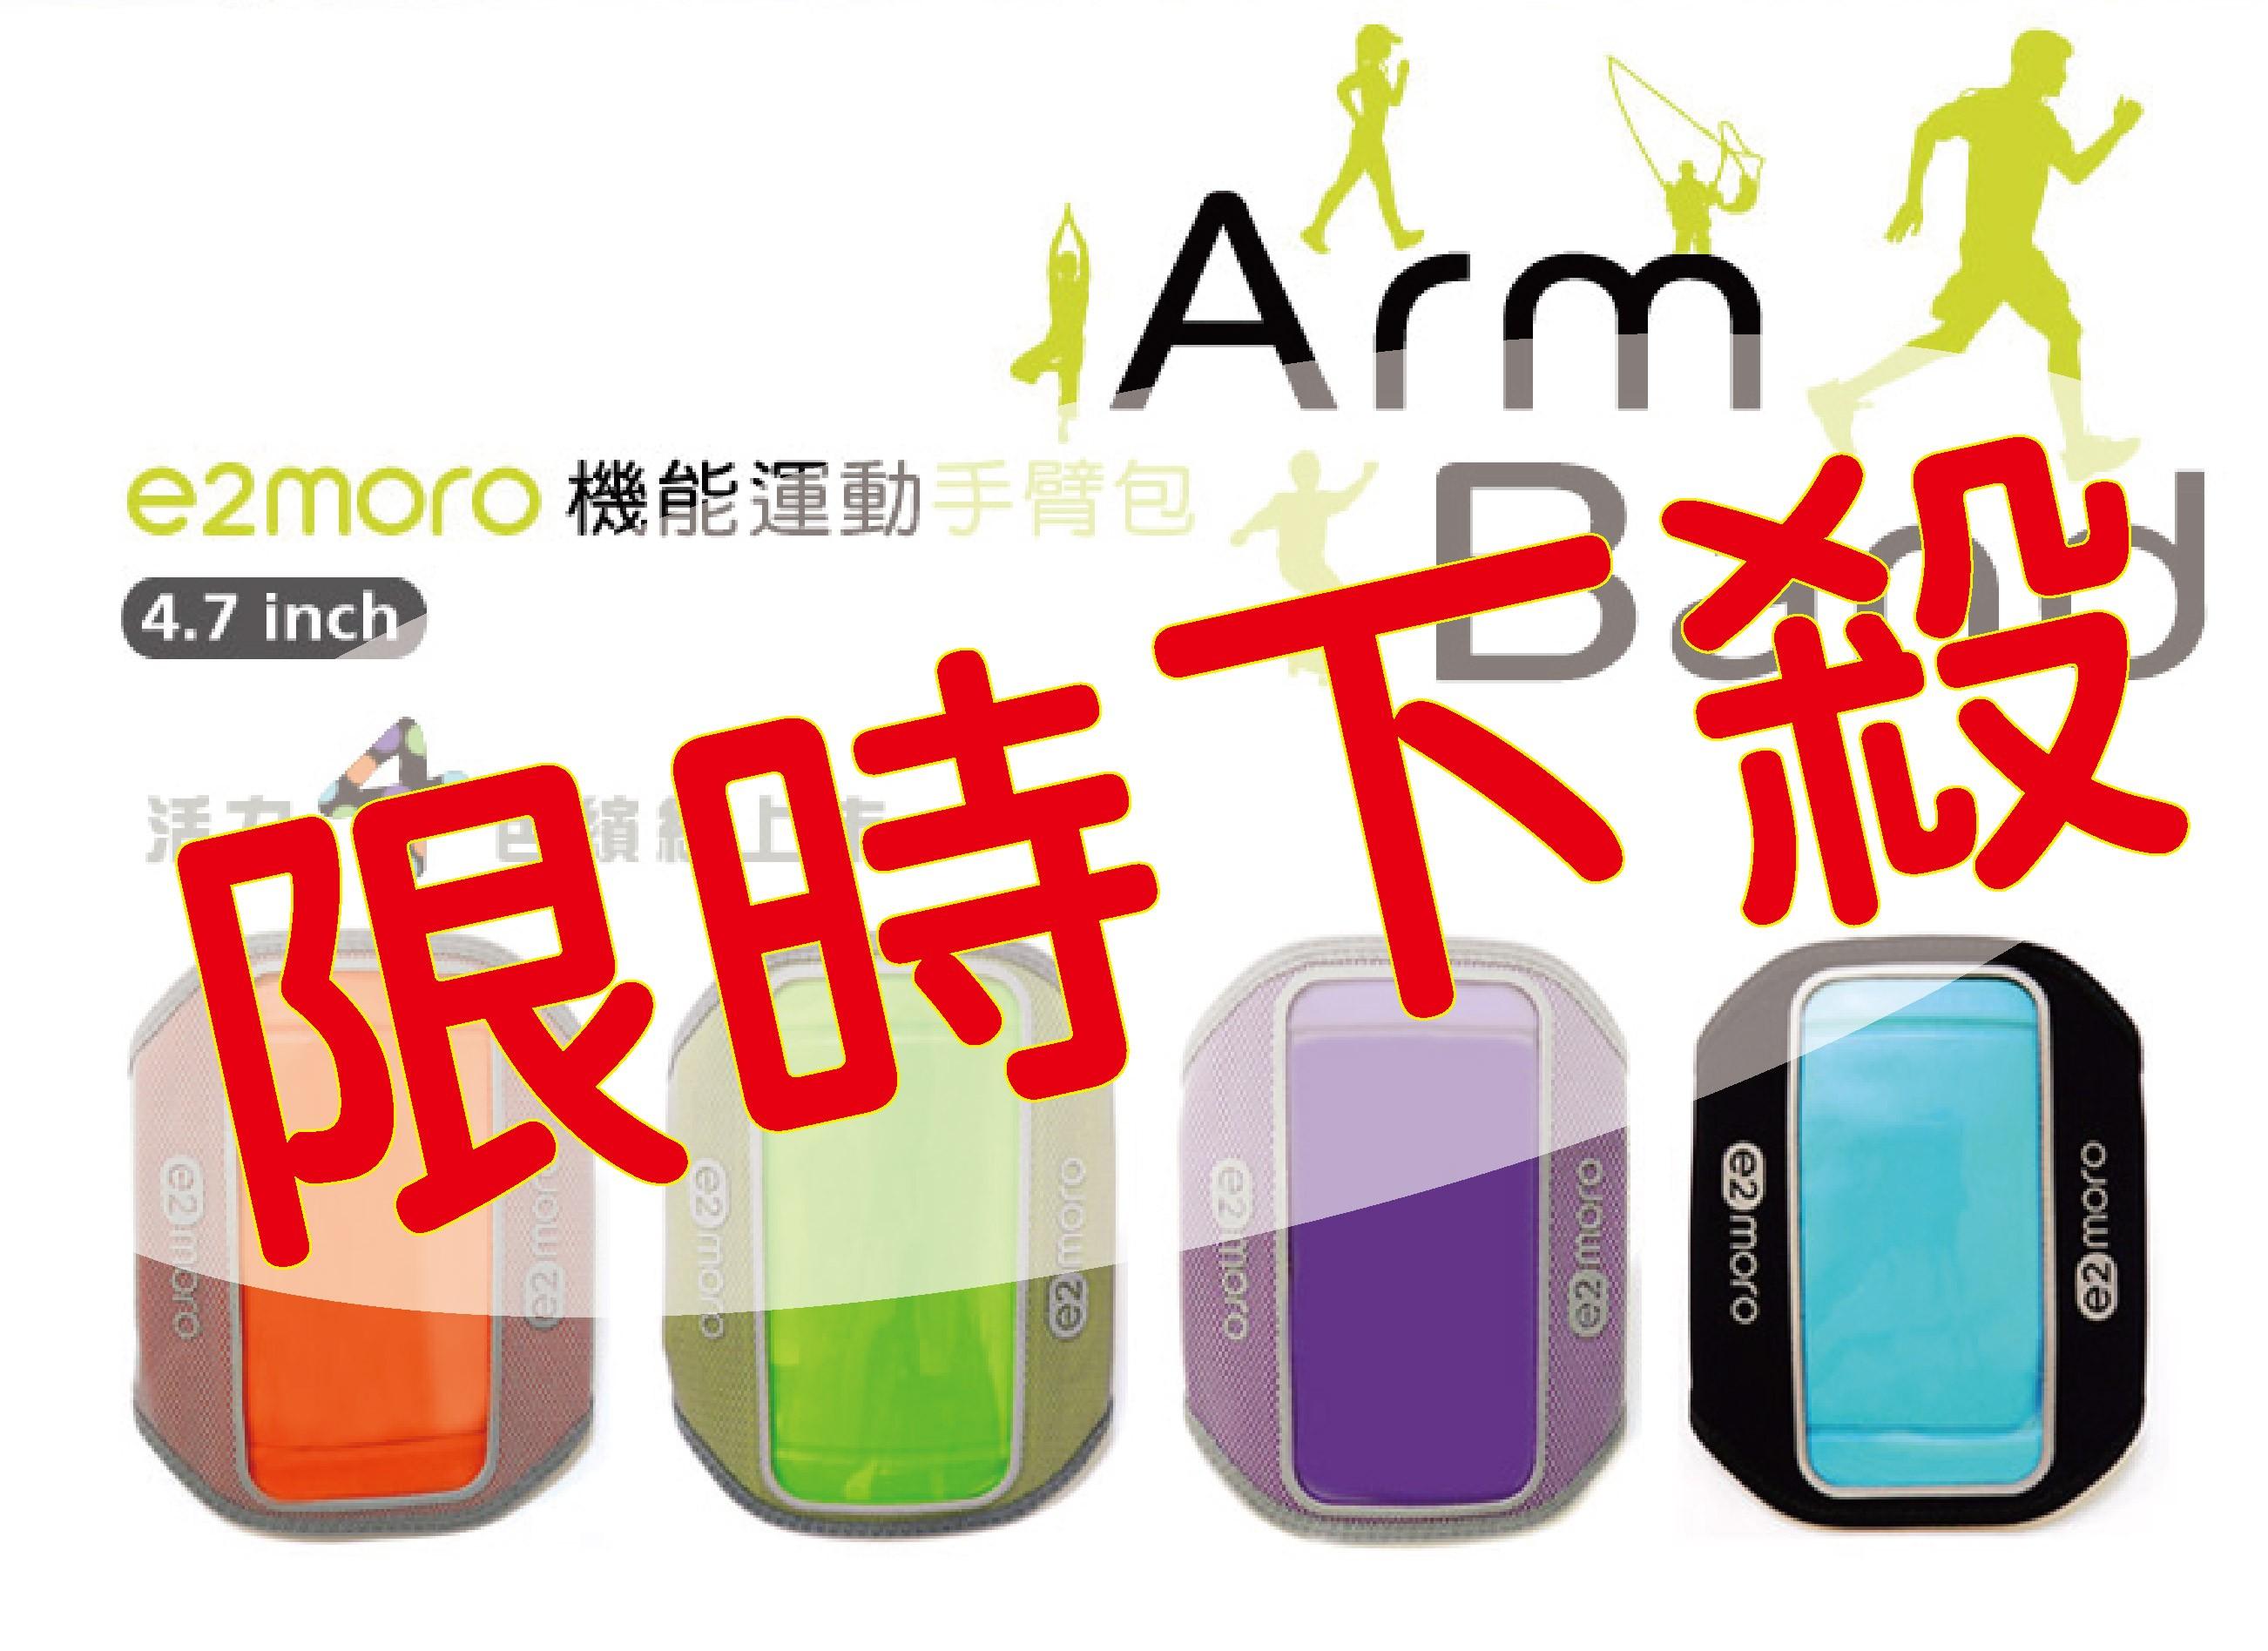 【限時下殺】(4.7吋‧iPhone 系列適用) e2moro機能運動手臂包